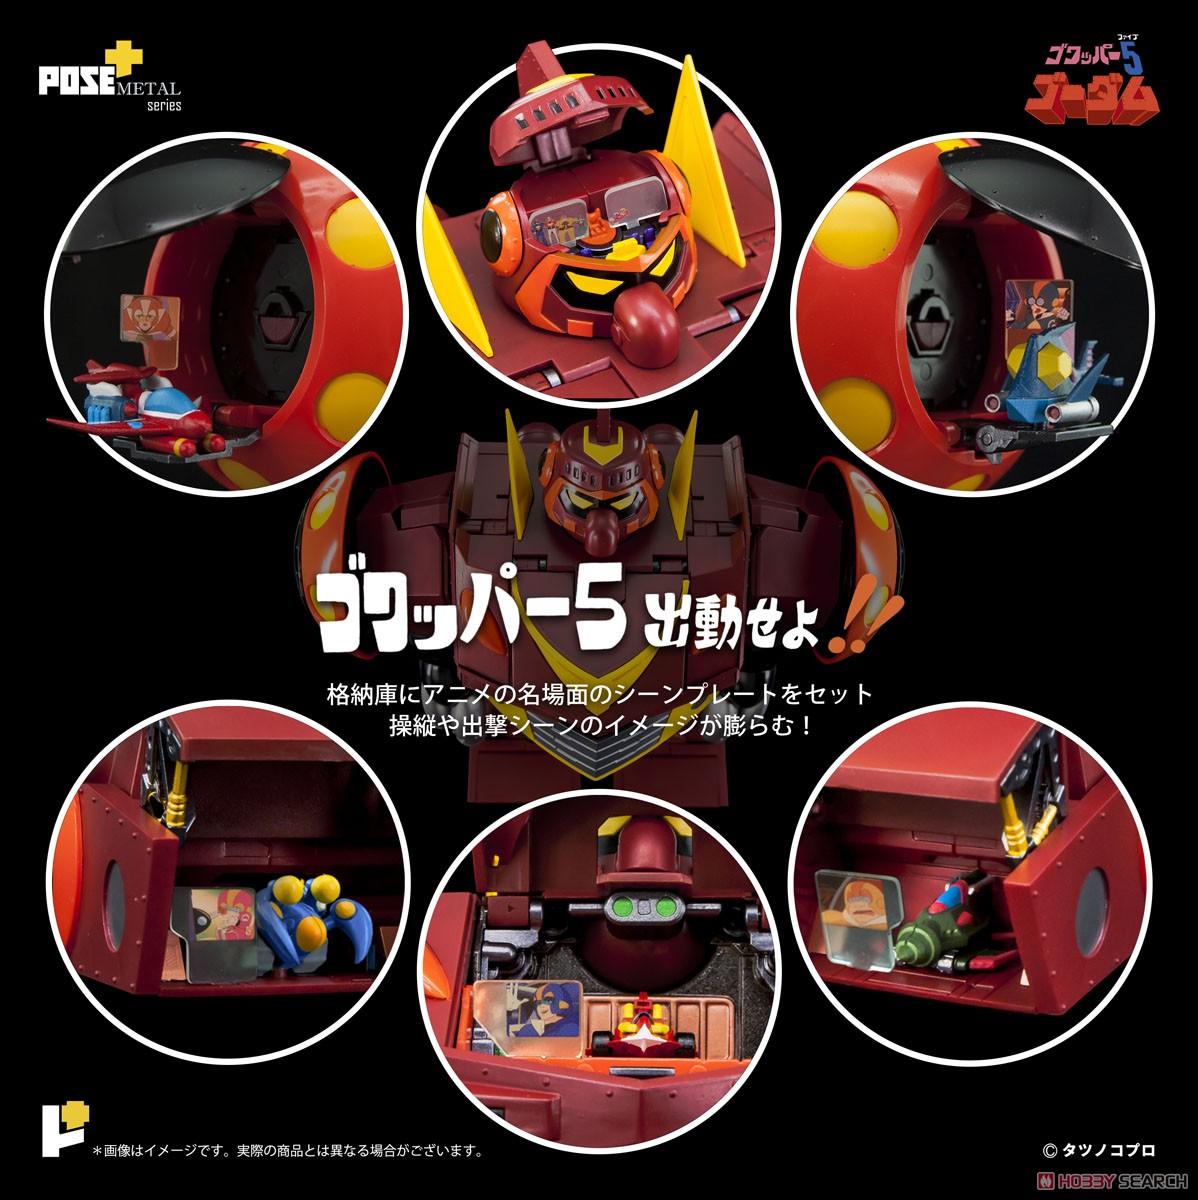 POSE+メタル『ゴワッパー5 ゴーダム』可動フィギュア-012